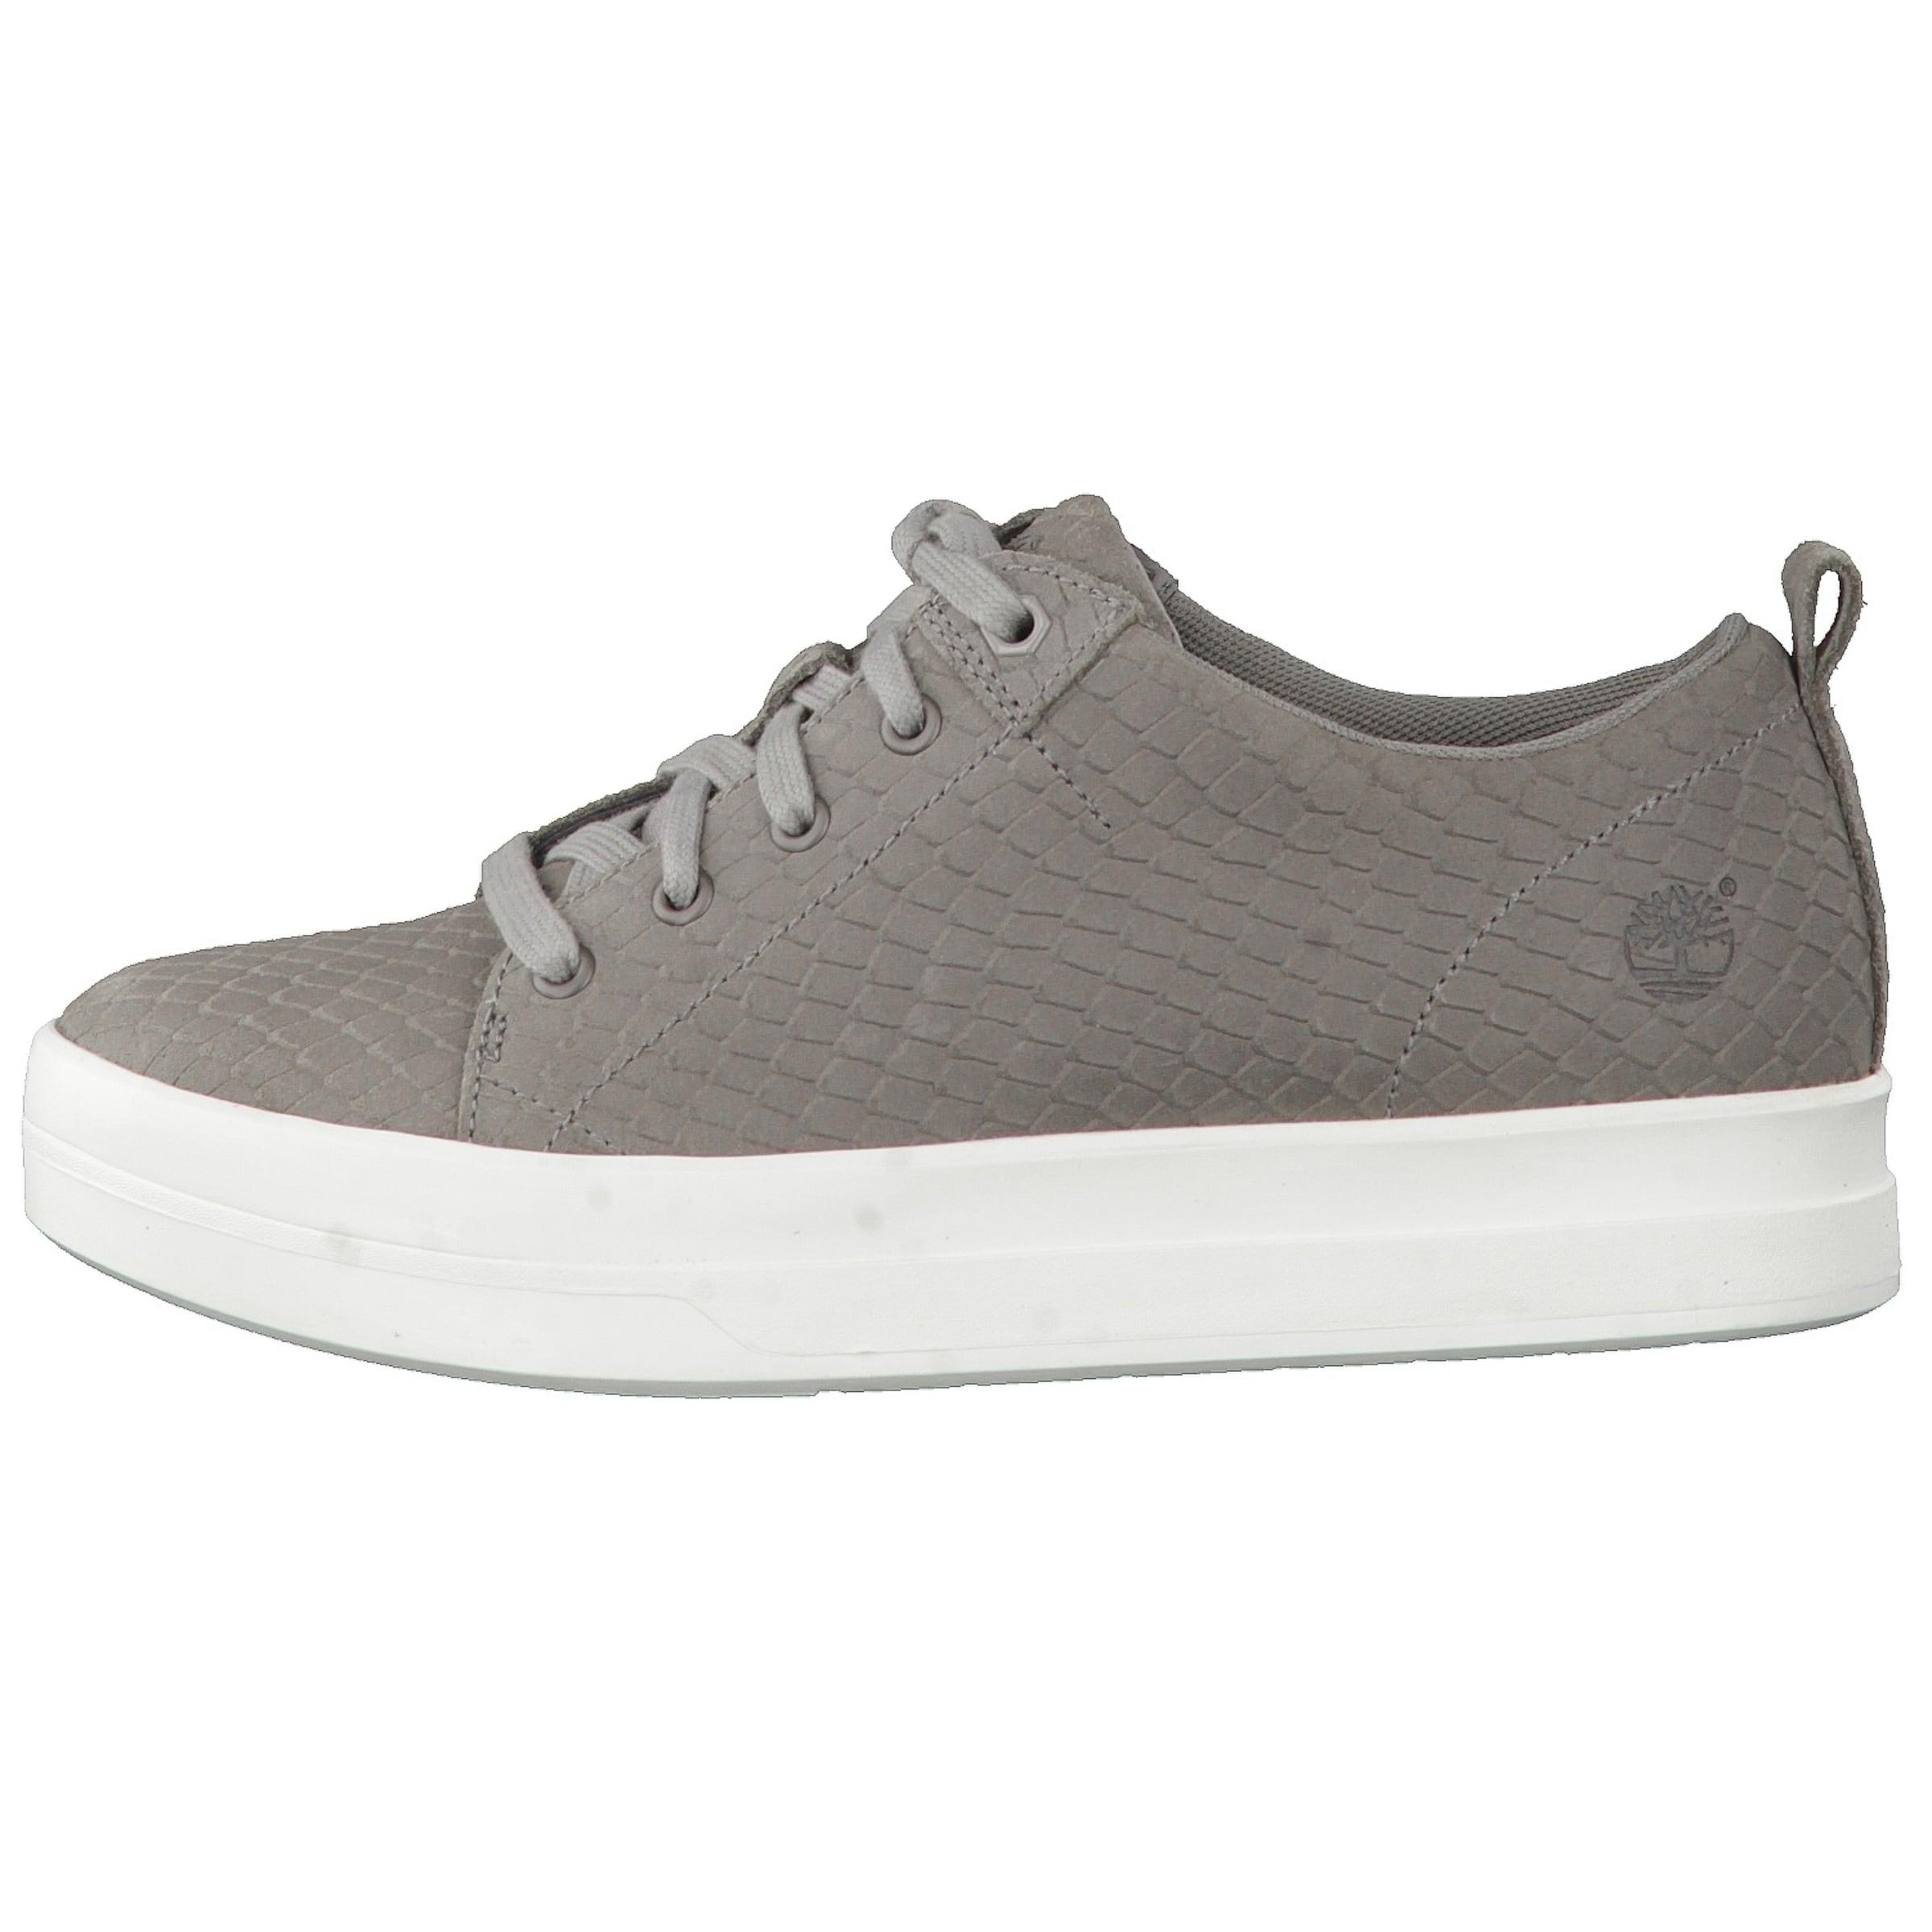 TIMBERLAND Damen Sneaker 'Mayliss Oxford A1FH9' Breite Palette Von Online UehqYp